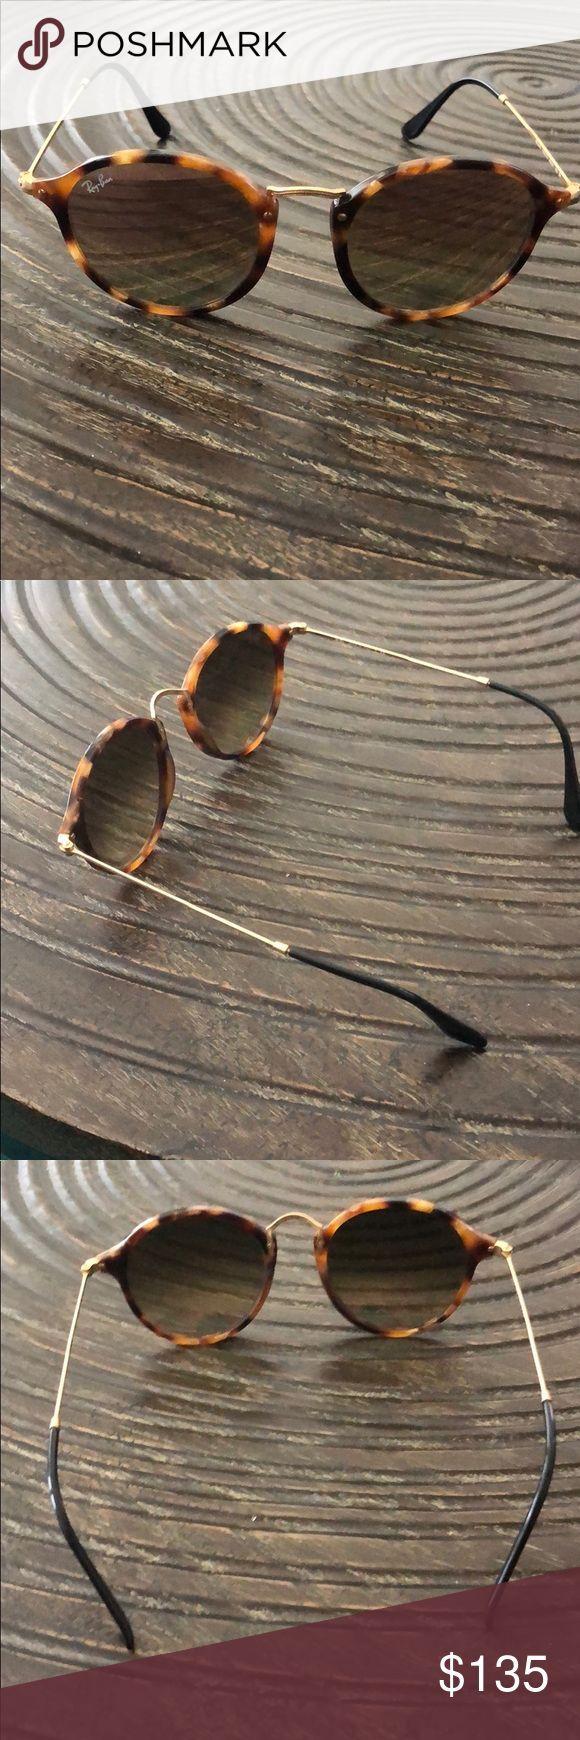 Gafas de sol Ray Ban Round Fleck En buen estado además del